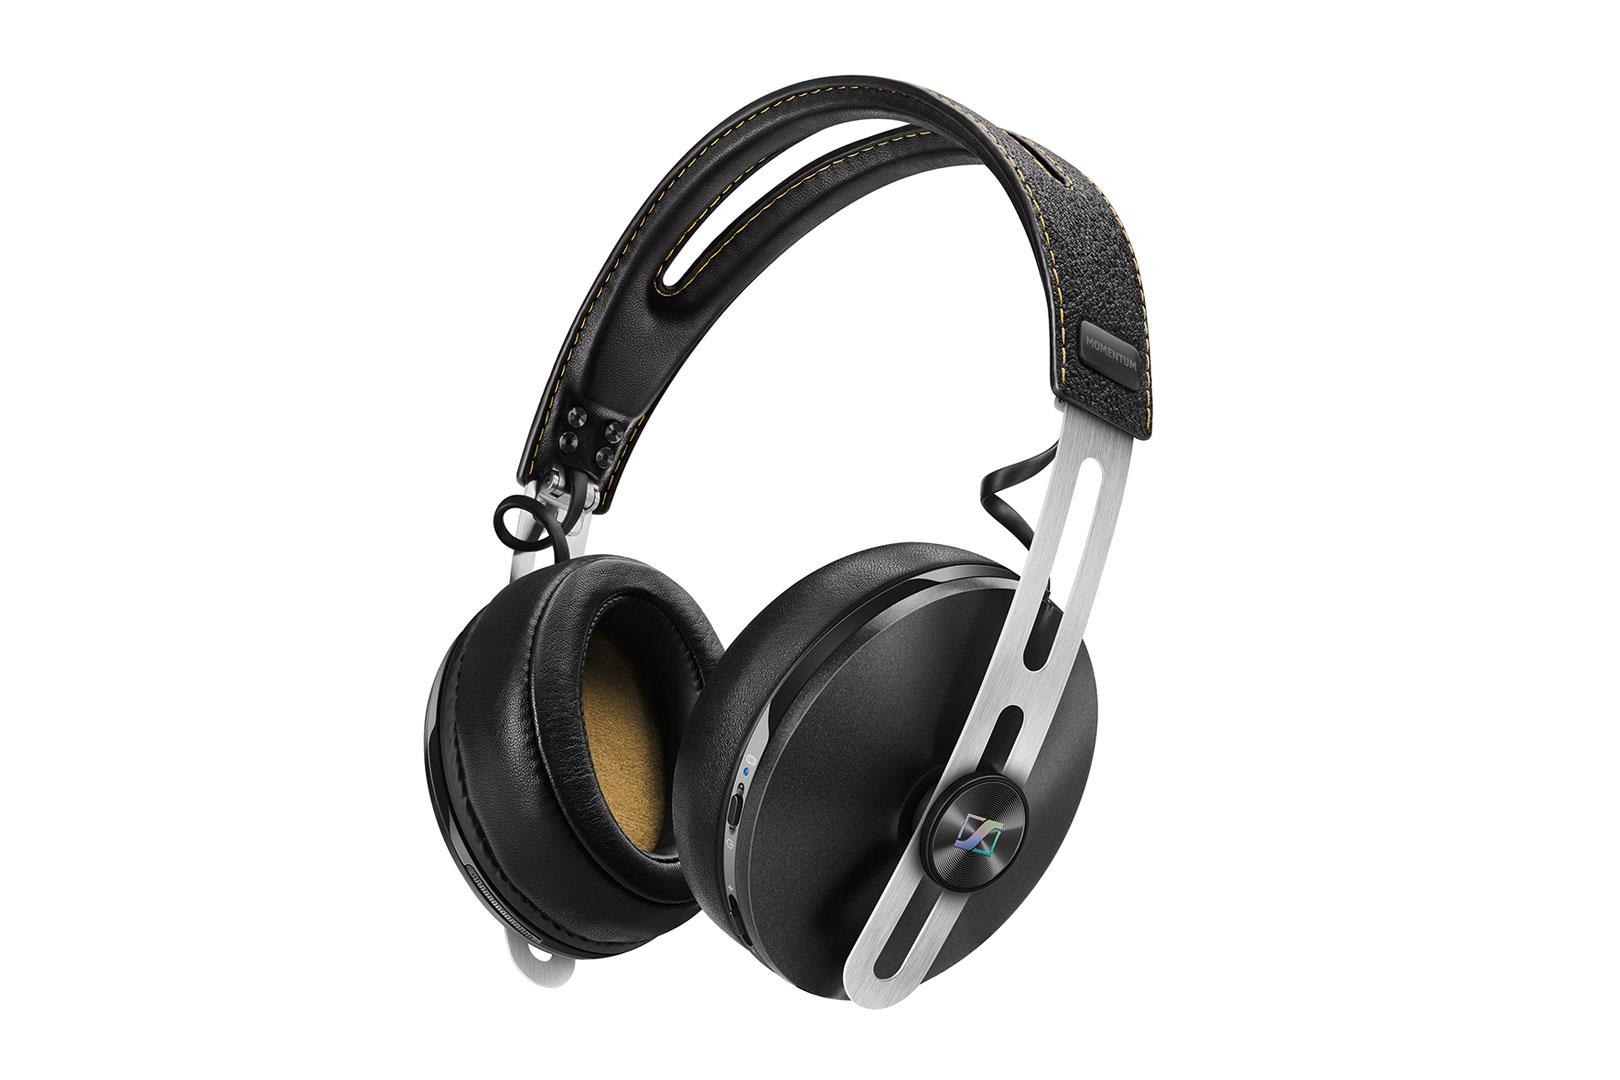 Fête de la Musique 2018 Wrap Up – Gewinne einen MOMENTUM Wireless Kopfhörer von Sennheiser!